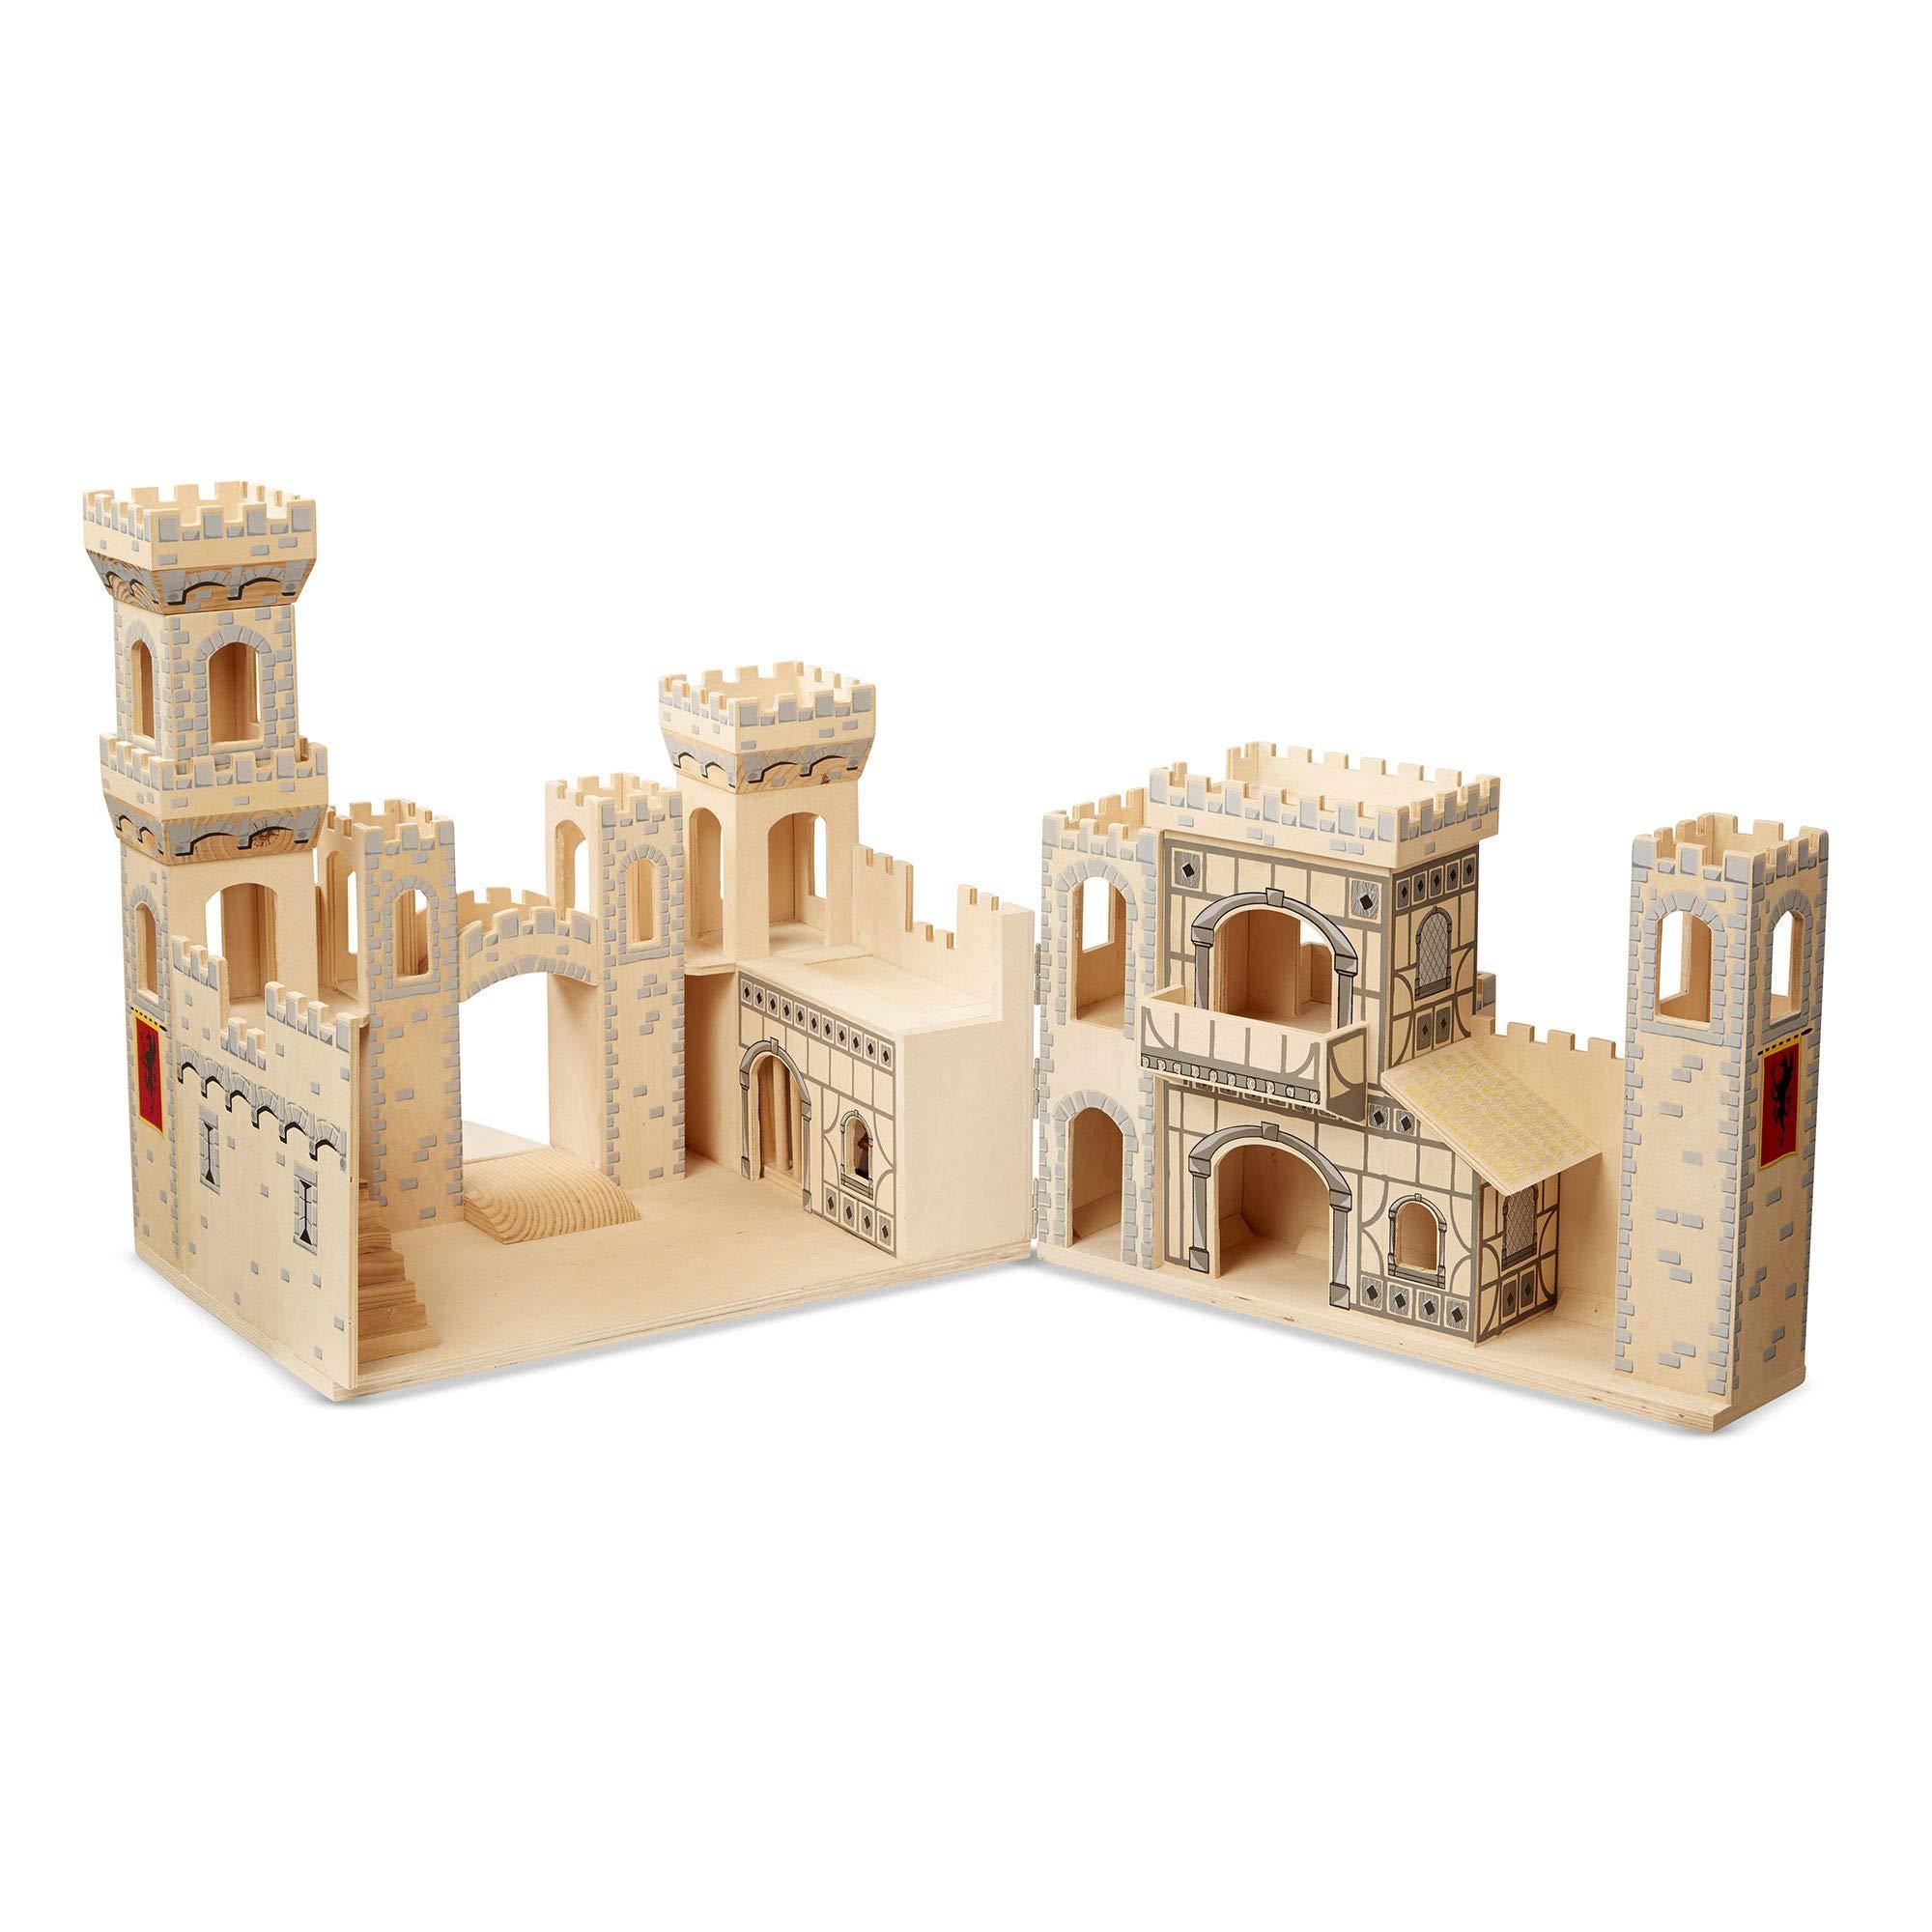 Melissa & Doug 11329 - Castillo Medieval Plegable: Amazon.es: Juguetes y juegos